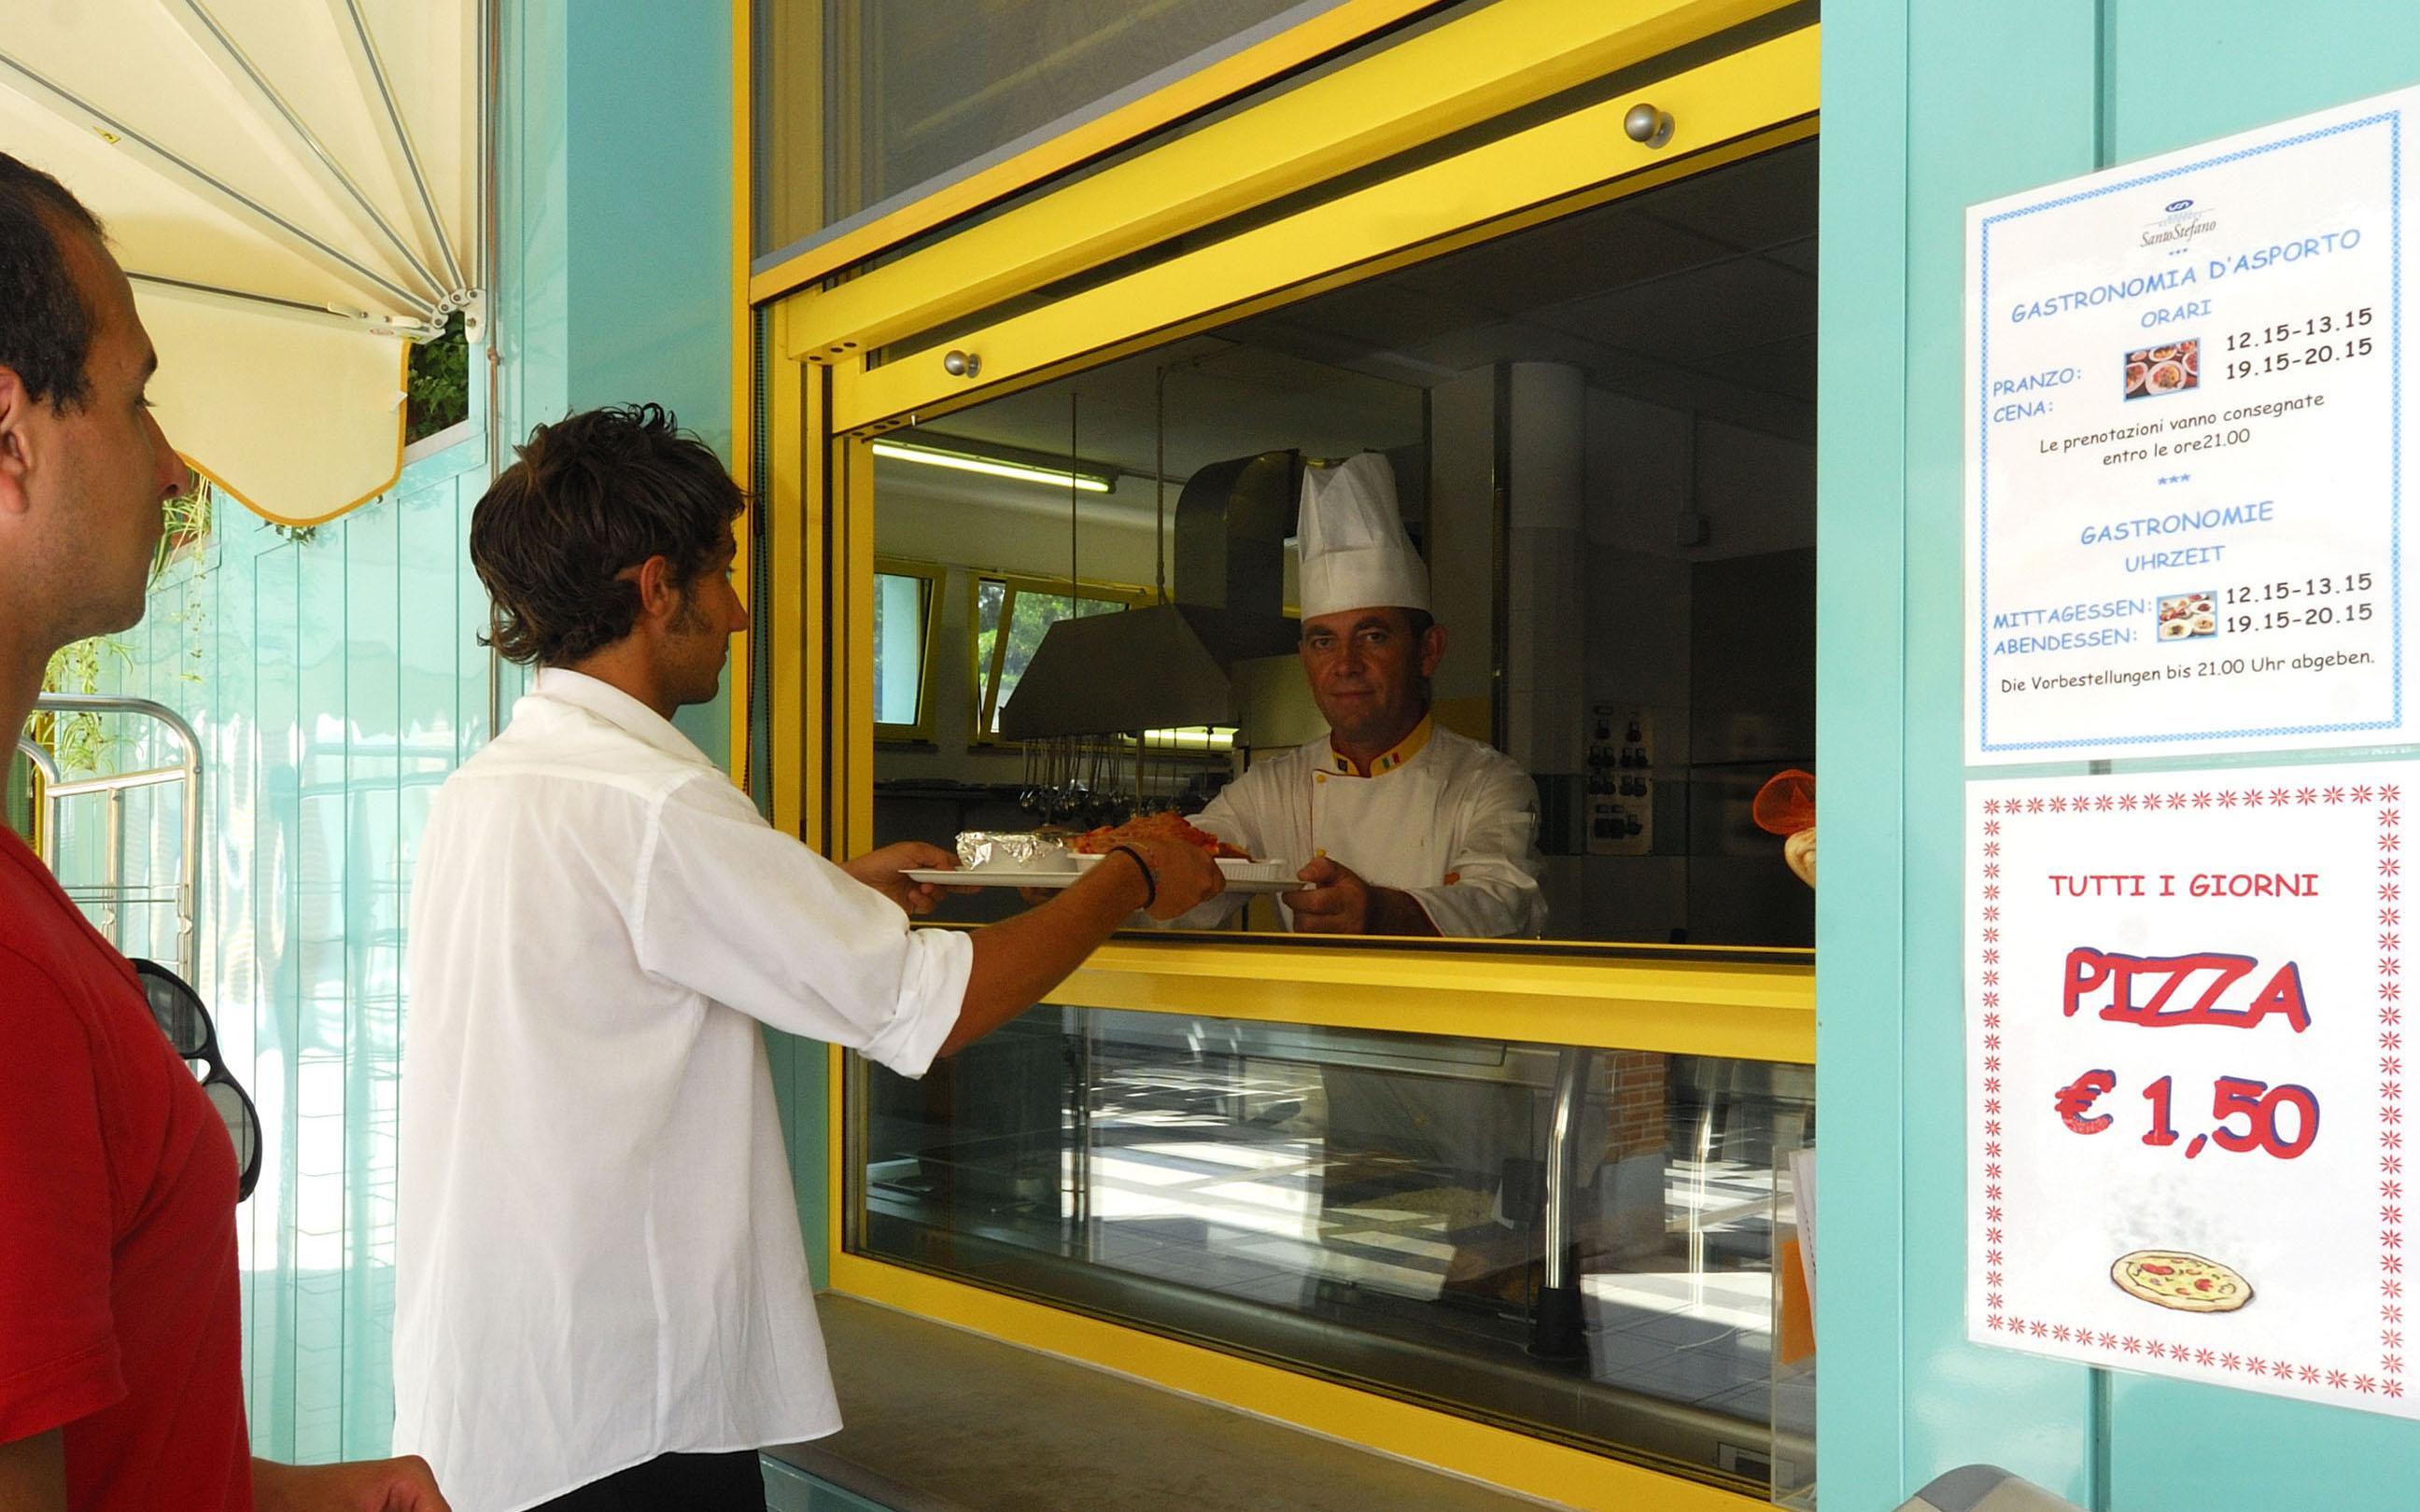 Bar: servizio gastronomia d'asporto